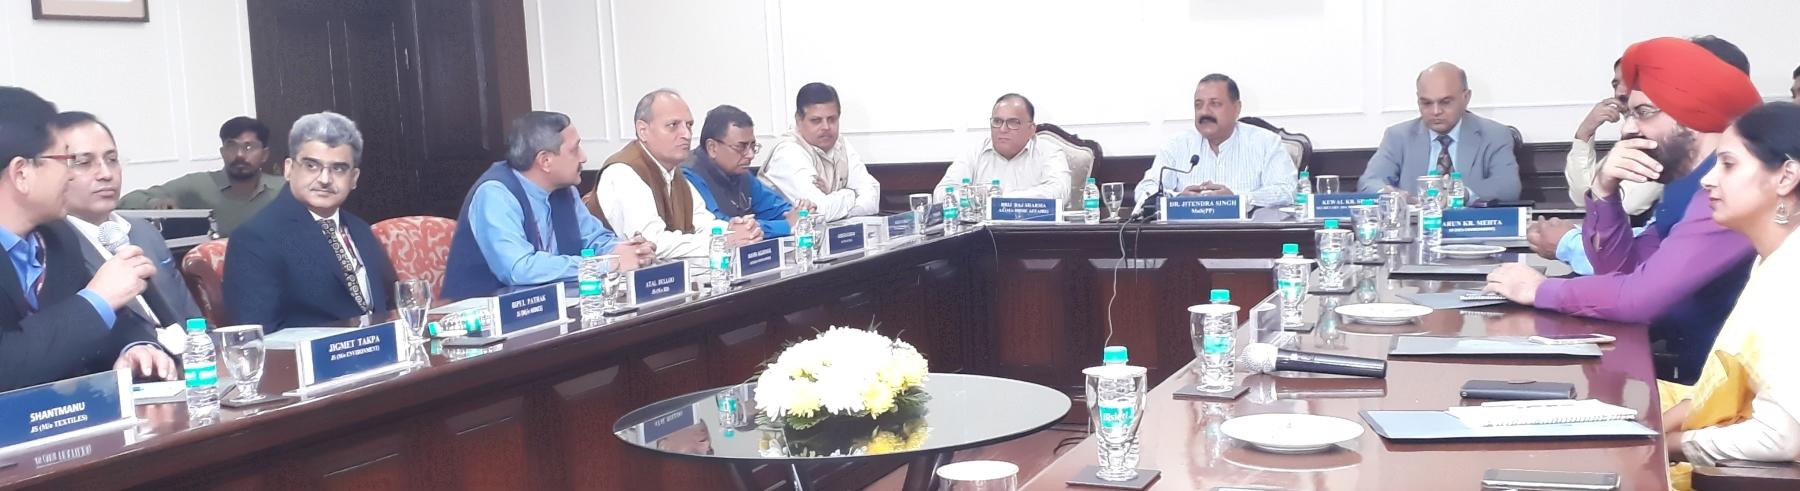 अखिल भारतीय सेवा के जम्मू और कश्मीर कैडर के दिल्ली में तैनात अधिकारियों  के साथ श्री जितेंद्र सिंह, माननीय  कार्मिक राज्य मंत्री का संवाद सत्र दिनांक ०९.११.२०१७ को नई दिल्ली में